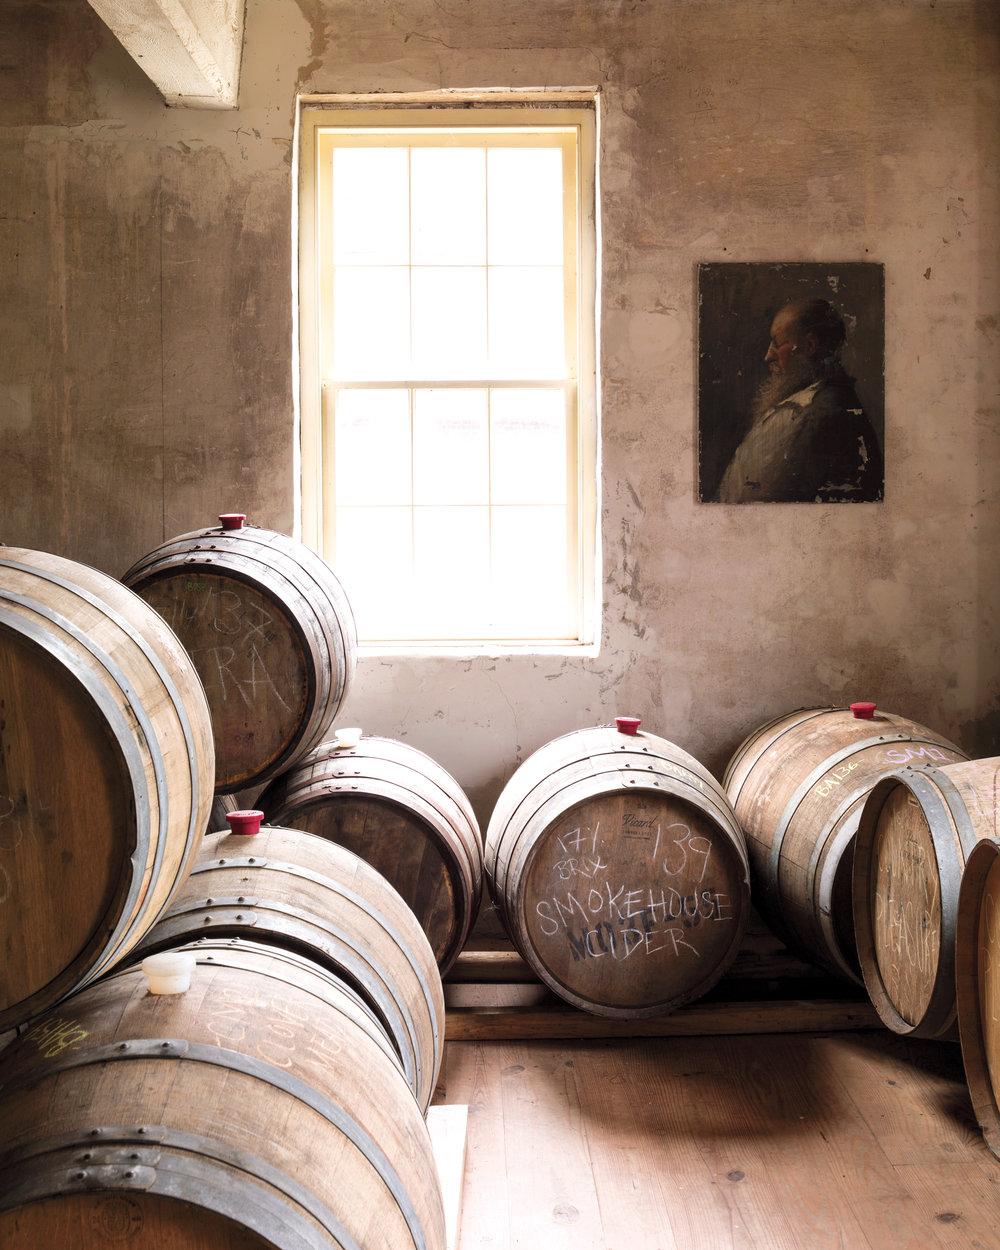 Mmillstone-cider-barrel-opener-006-d111700.jpg